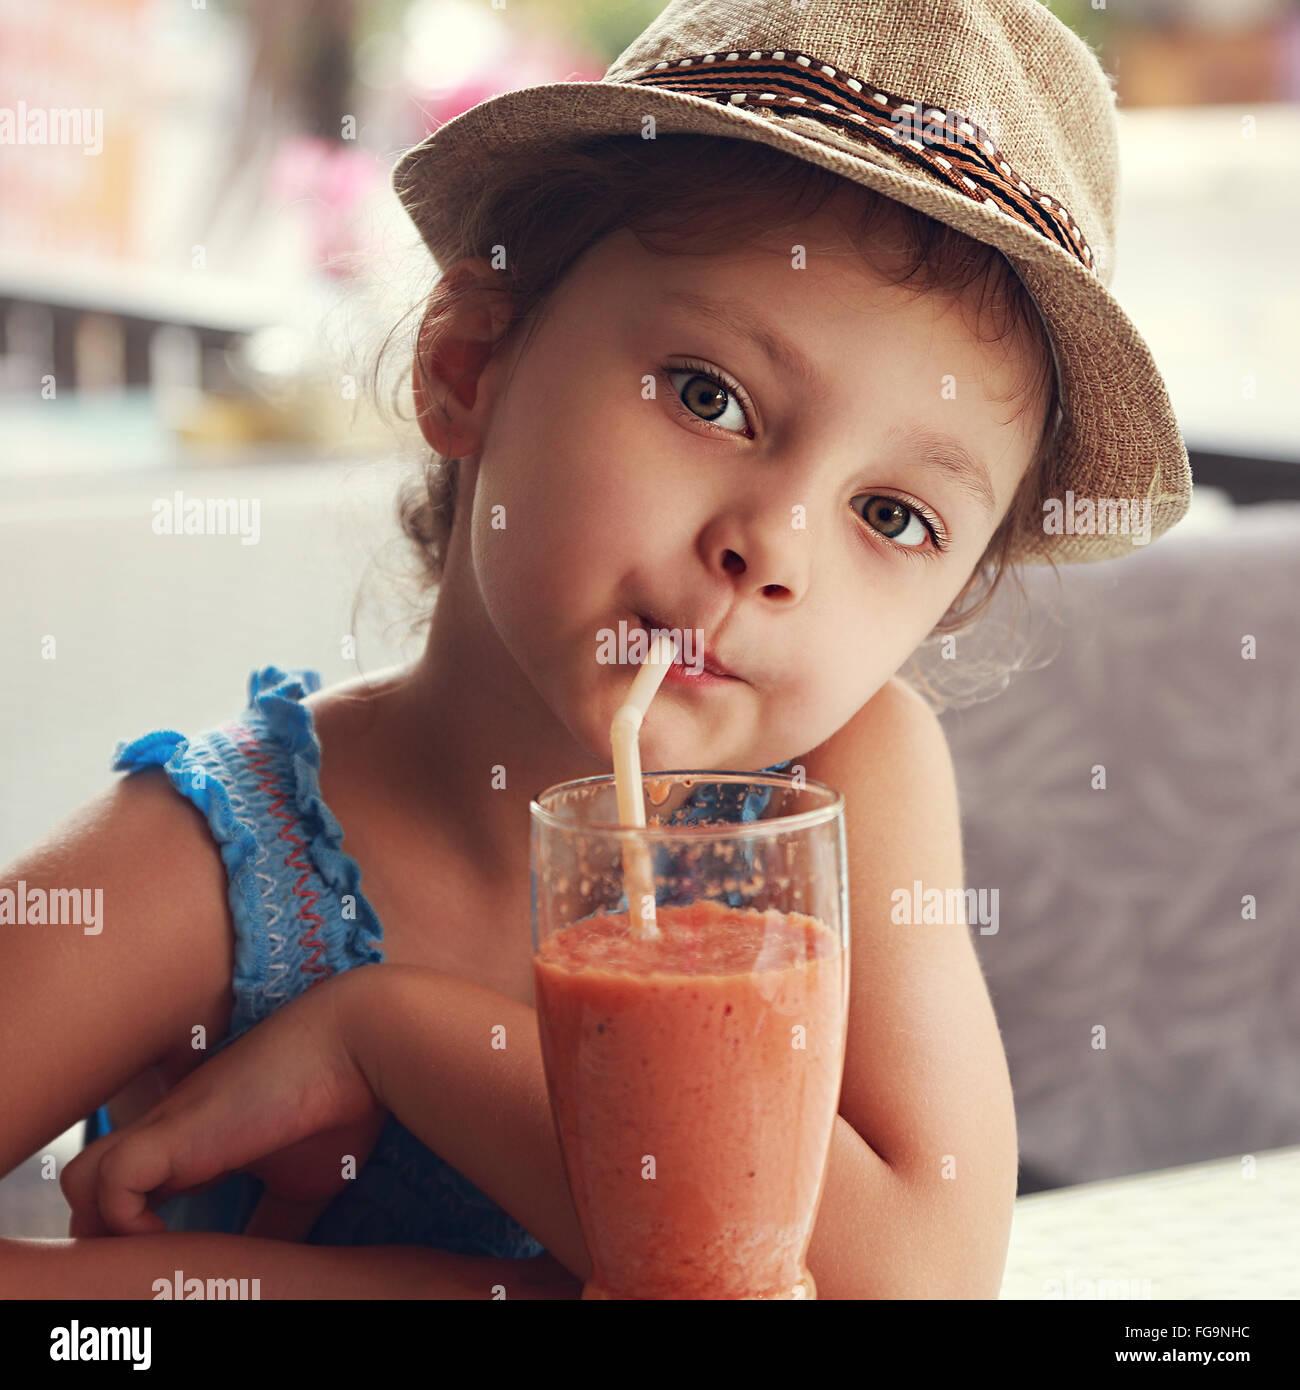 Divertimento carino kid ragazza bere il frullato sano succo in street restaurant. Closeup tonica ritratto Foto Stock